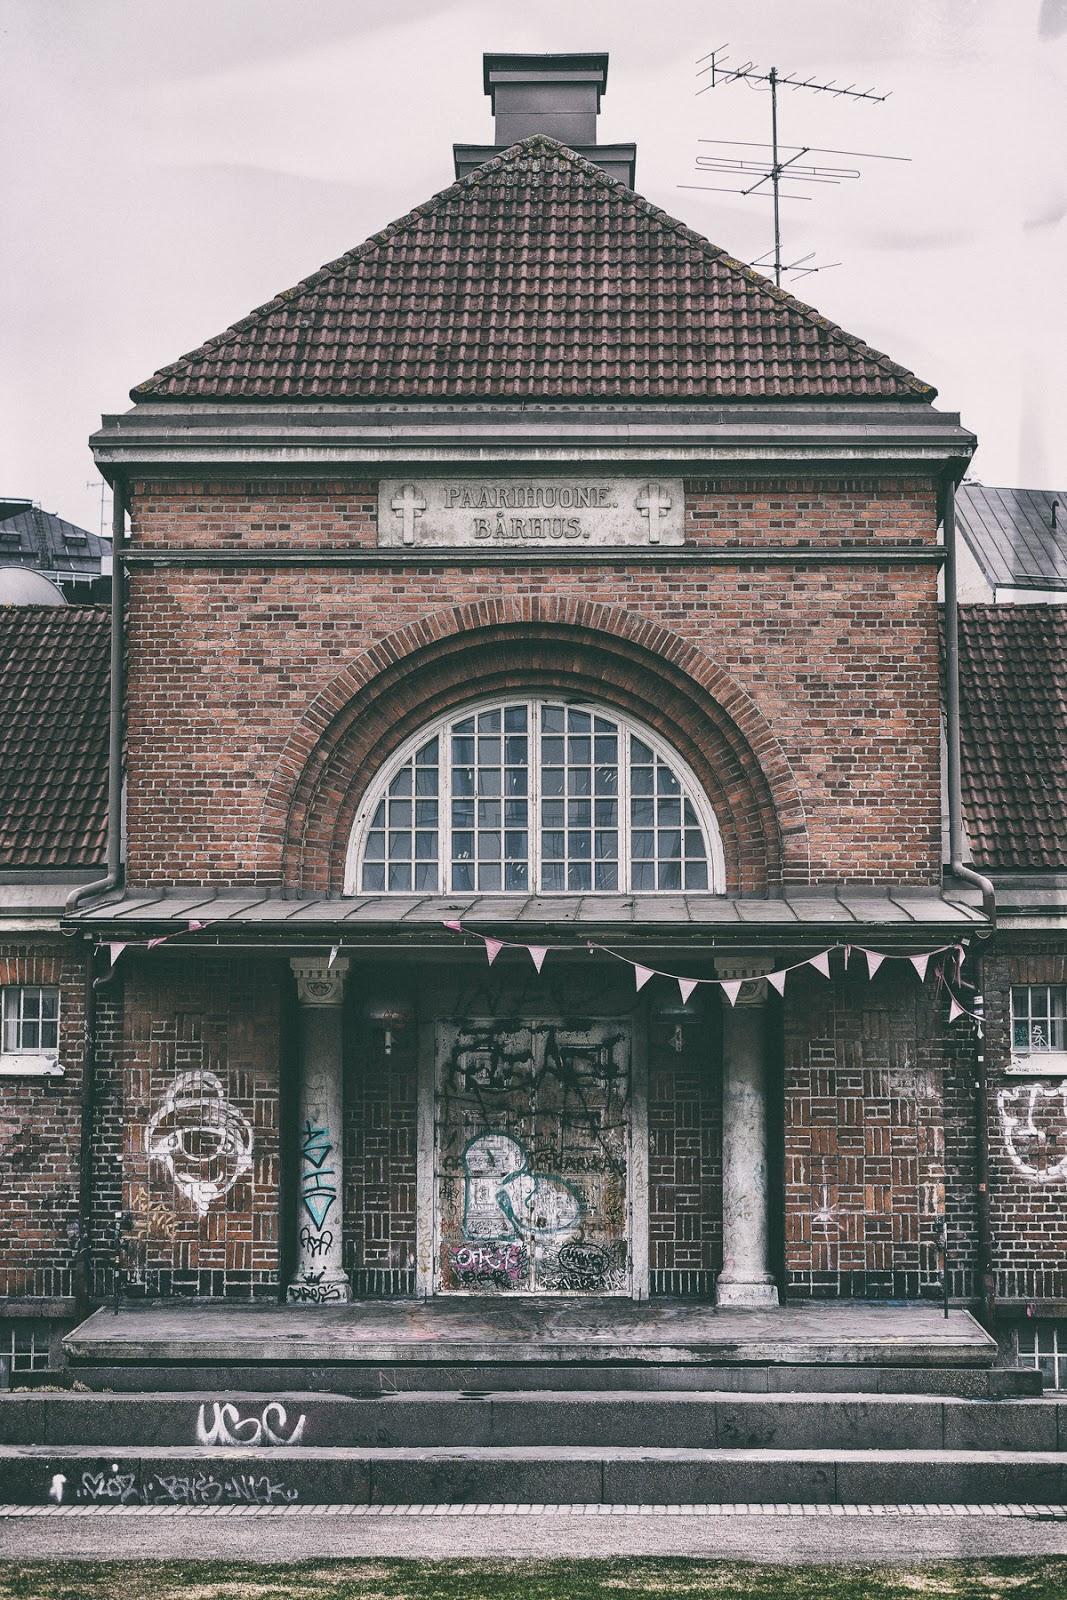 Helsinki, suomi, finland, myhelsinki, visithelsinki, old building, vanha rakennus, tiilirakennus, vanha tiili, nuorisotalo, vallila, kallio, teollisuuskatu, outdoors, outdoorphotography, photographerlife, valokuvaaja, Frida Steiner, Visualaddict, visualaddictfrida, kaupunki, streetlife, streetphotography